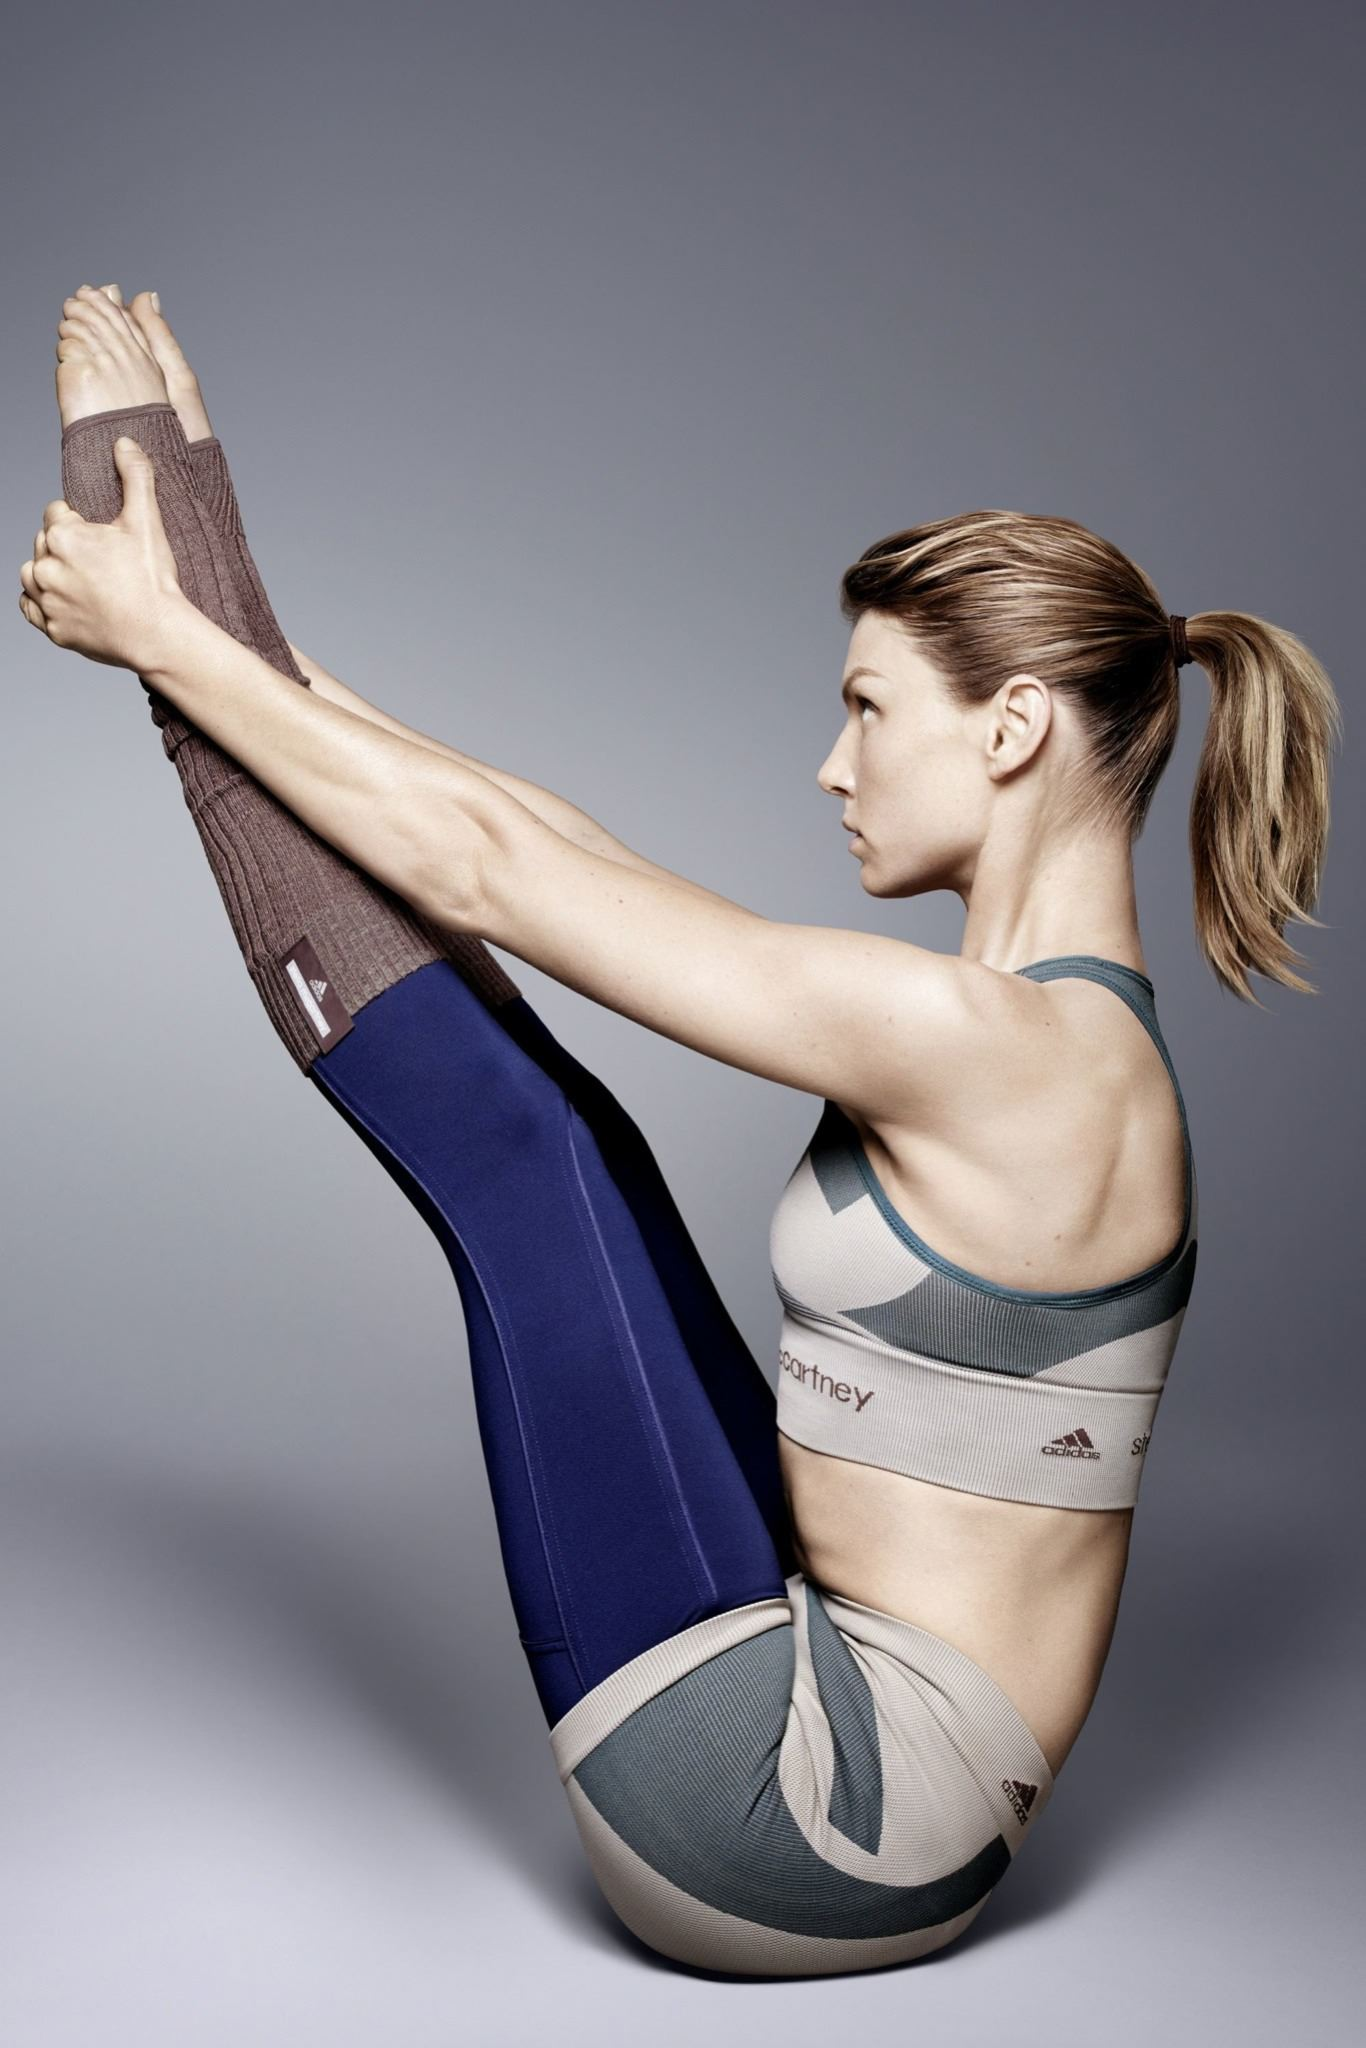 imagem: Adidas/ divulgação